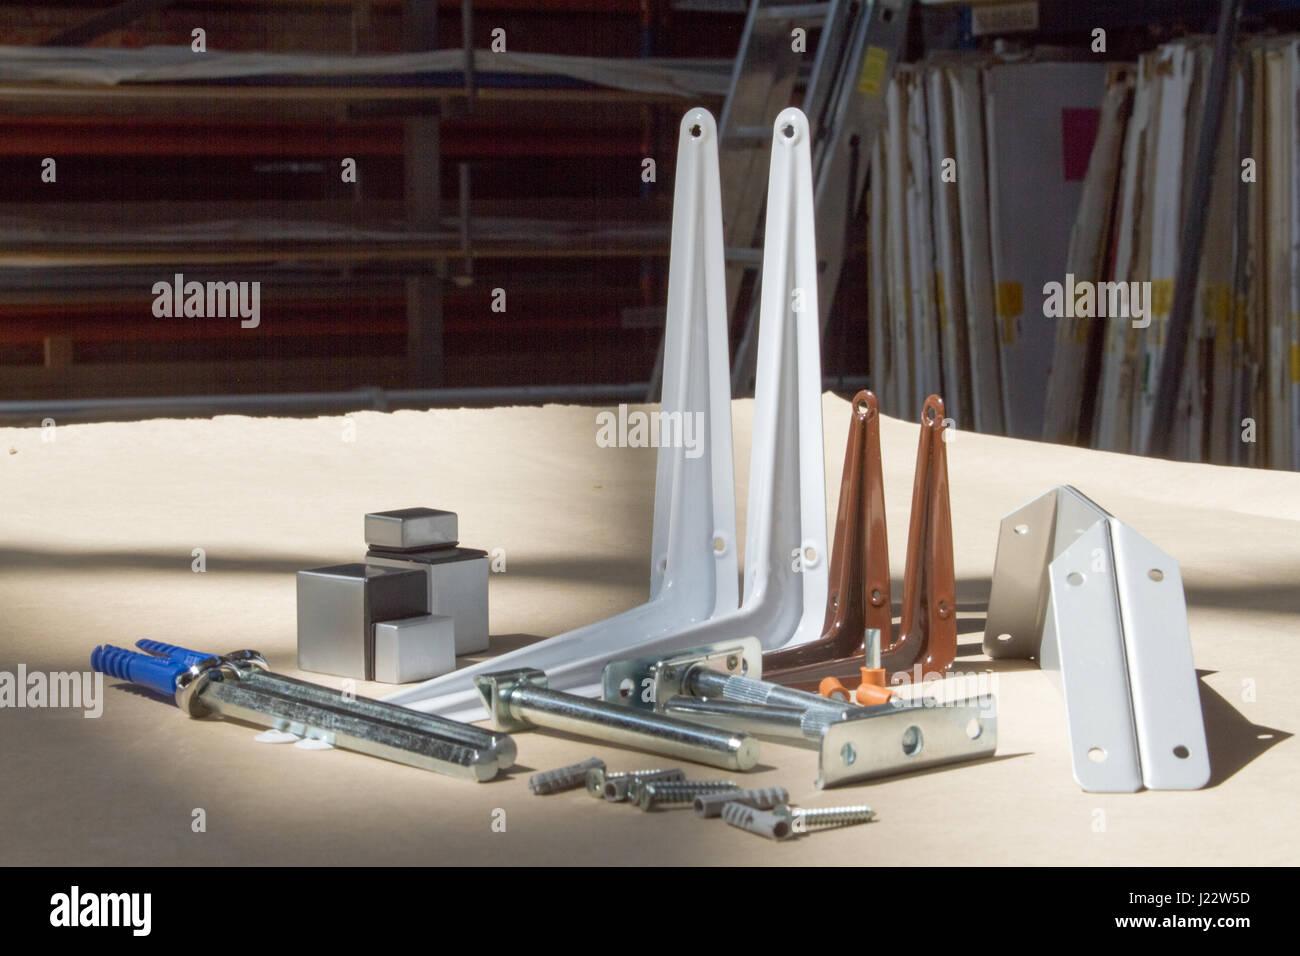 Supporto per ripiani in vetro o legno. Dispositivi di fissaggio per ...